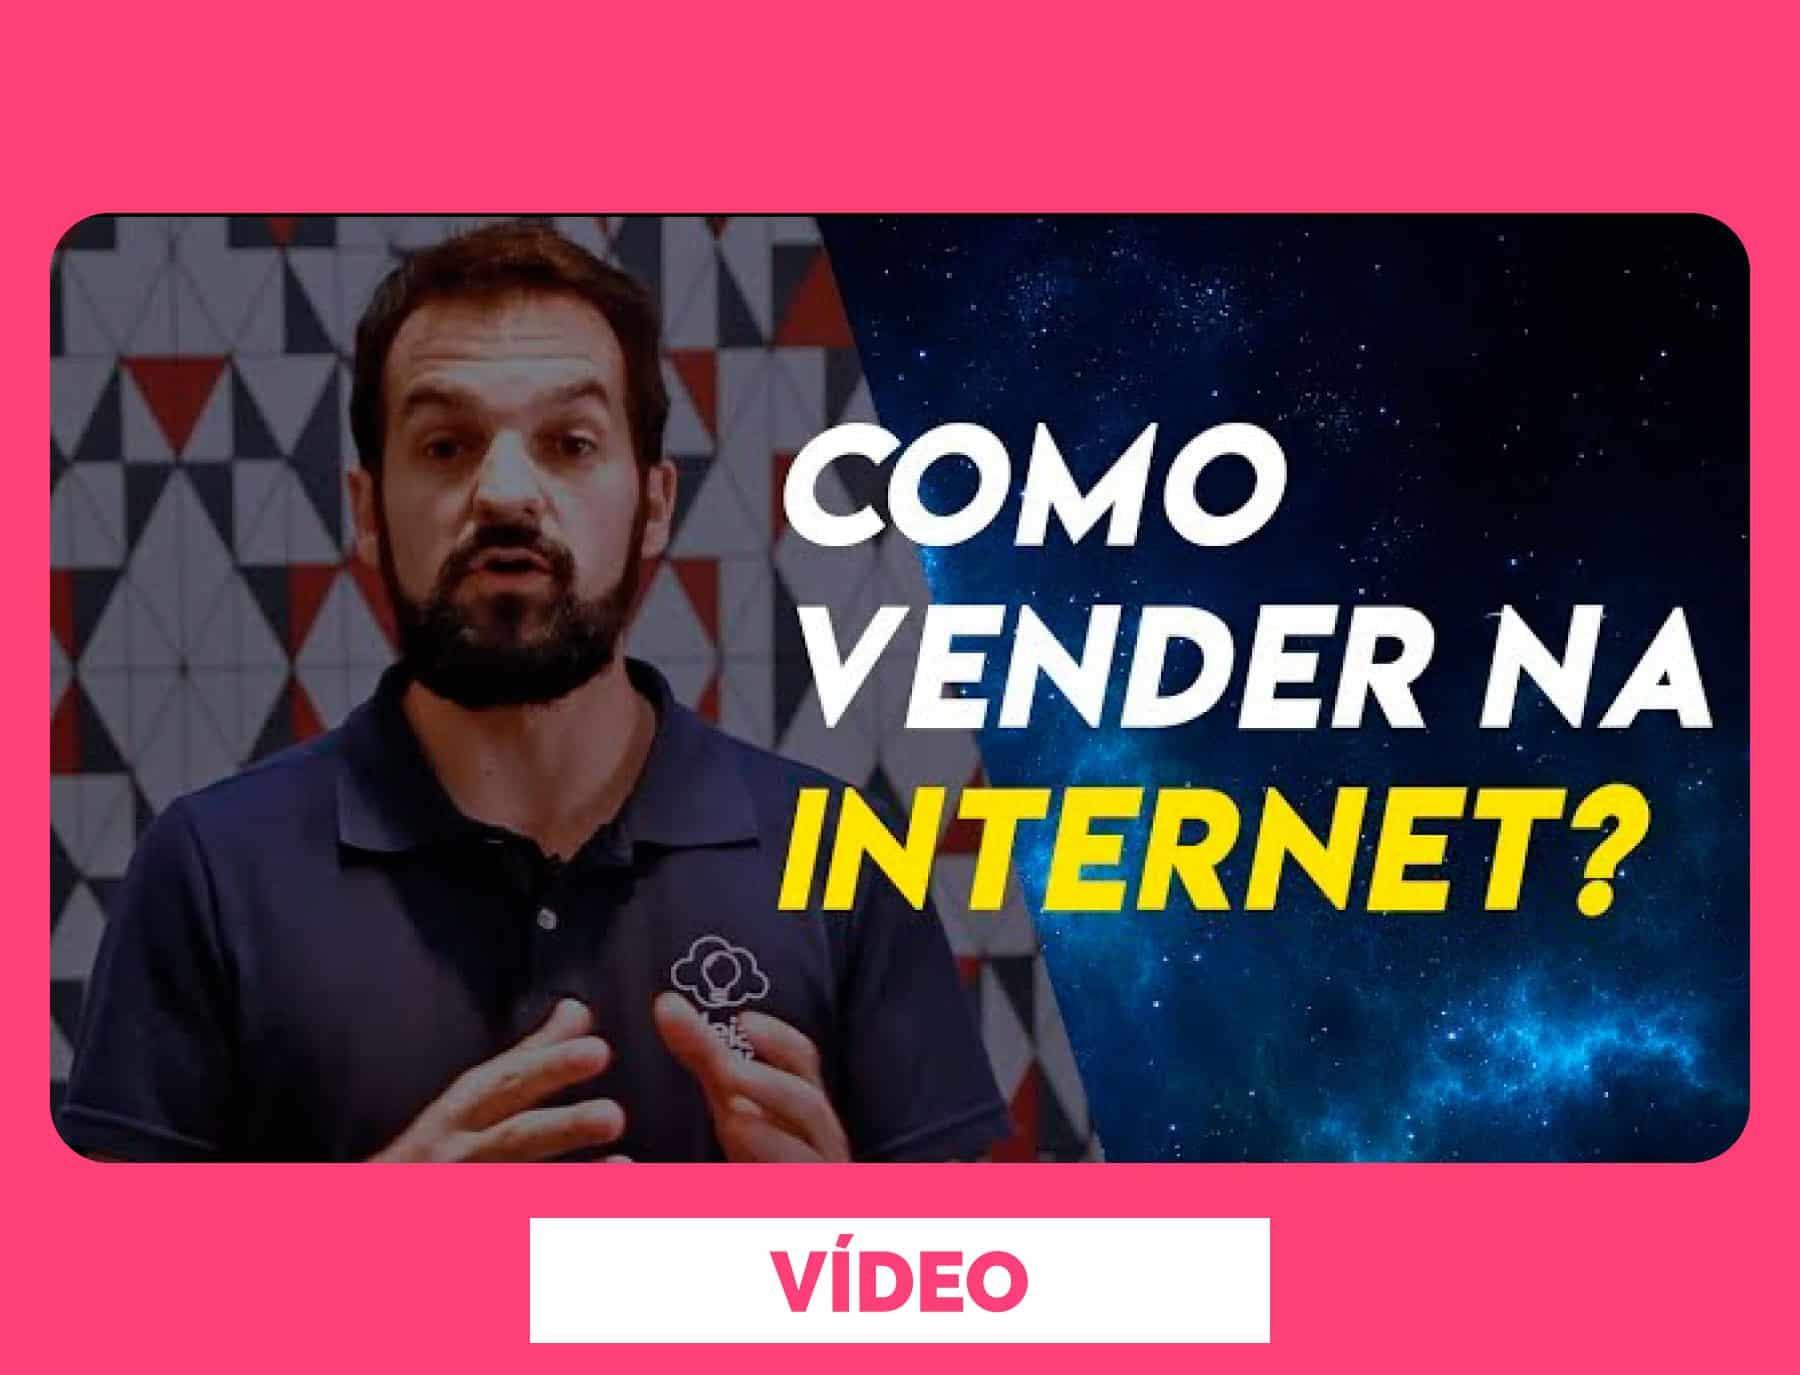 como vender na internet